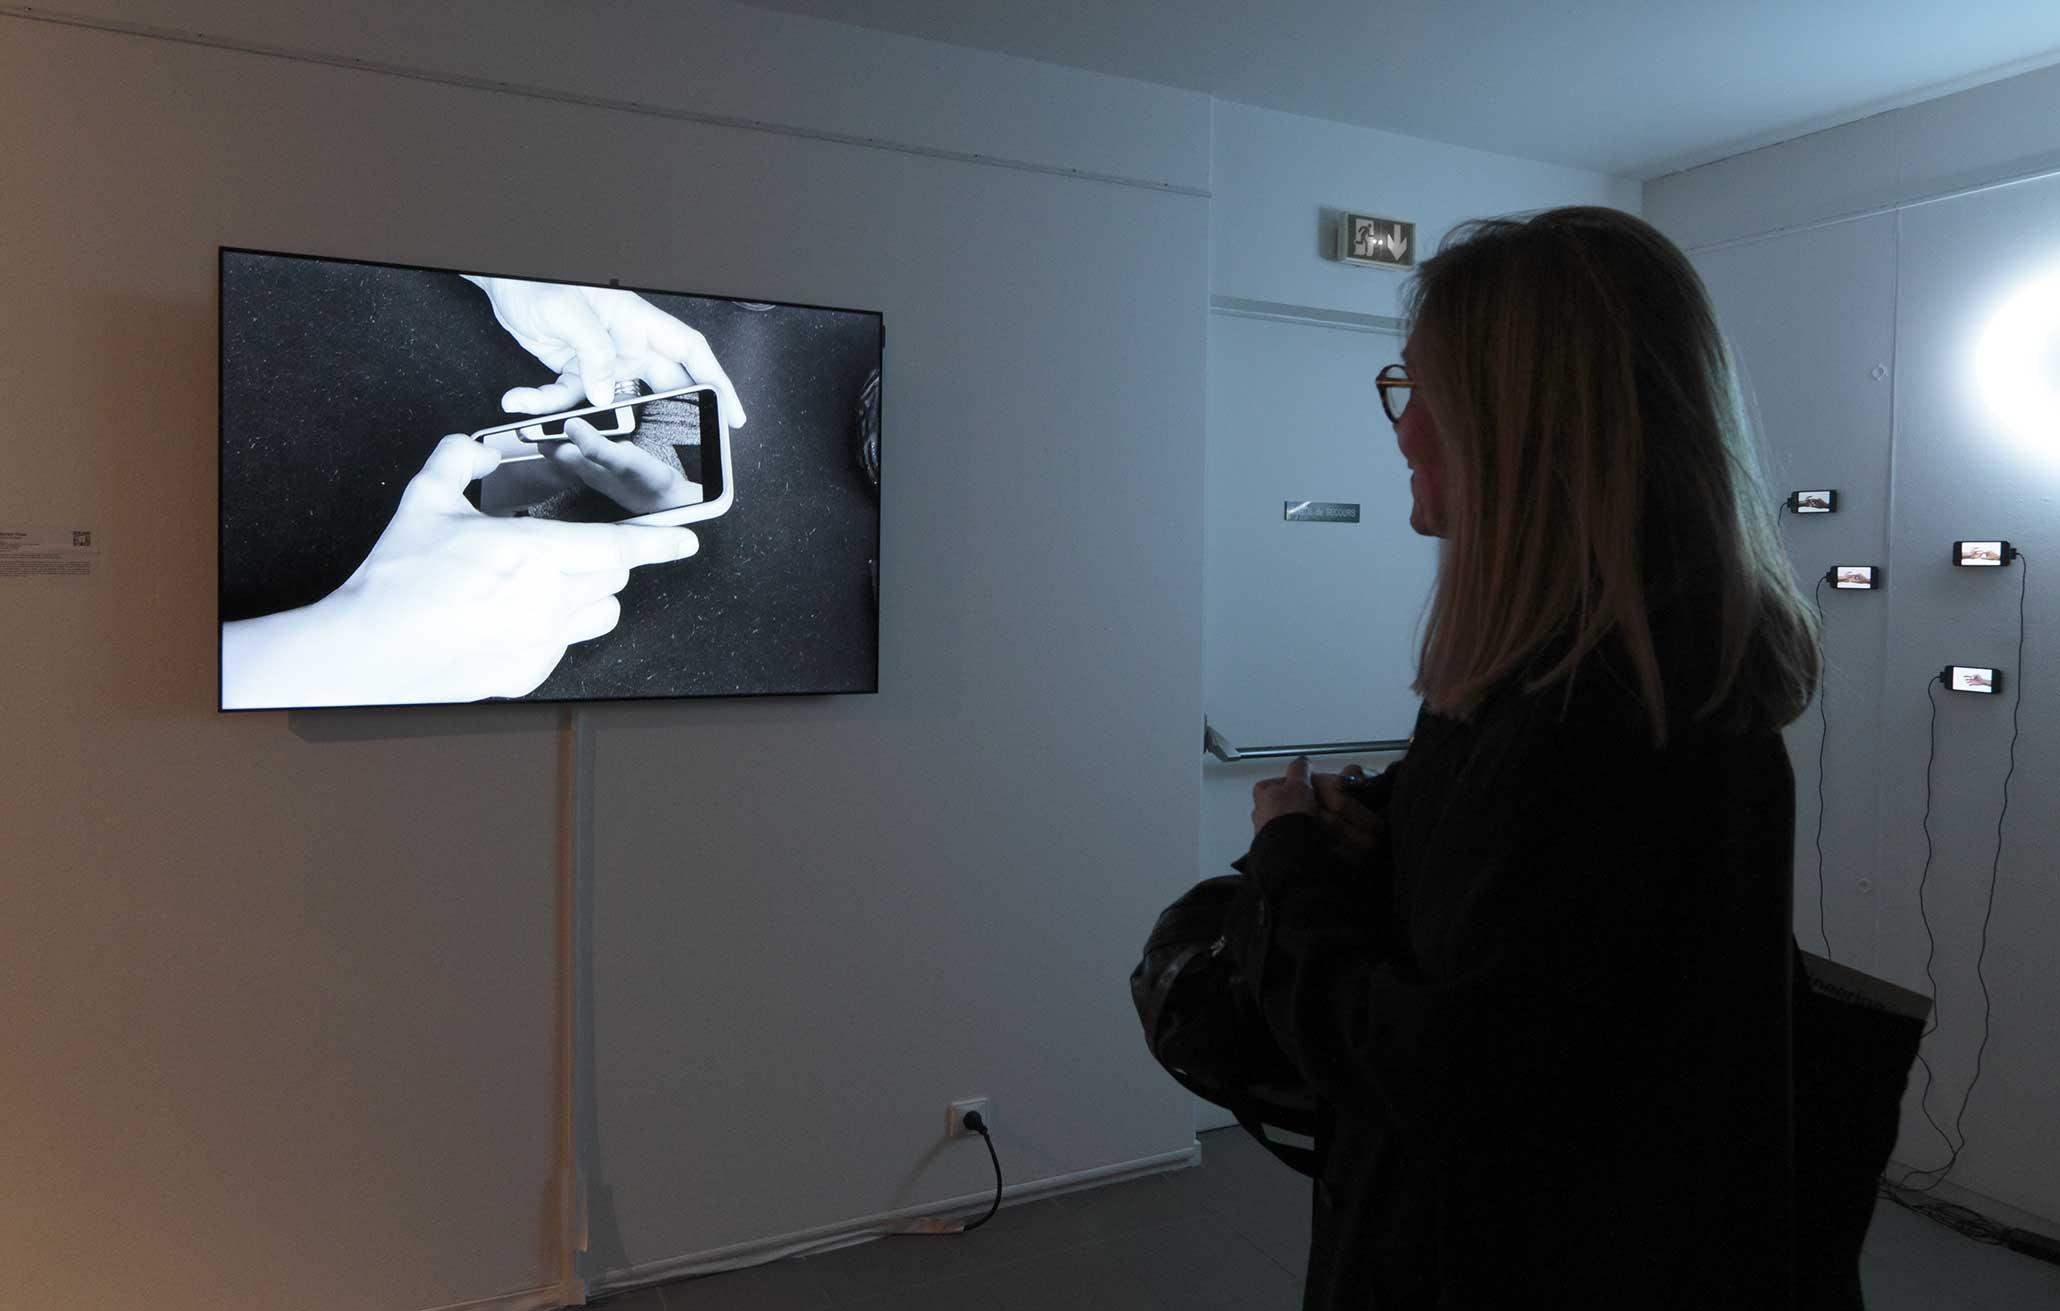 Smart Pantheon in der Gruppenausstellung 'VARIATION - ArtJaws media art exhibition and fair', Cité Internationale des Arts, Paris, Frankreich 2017.